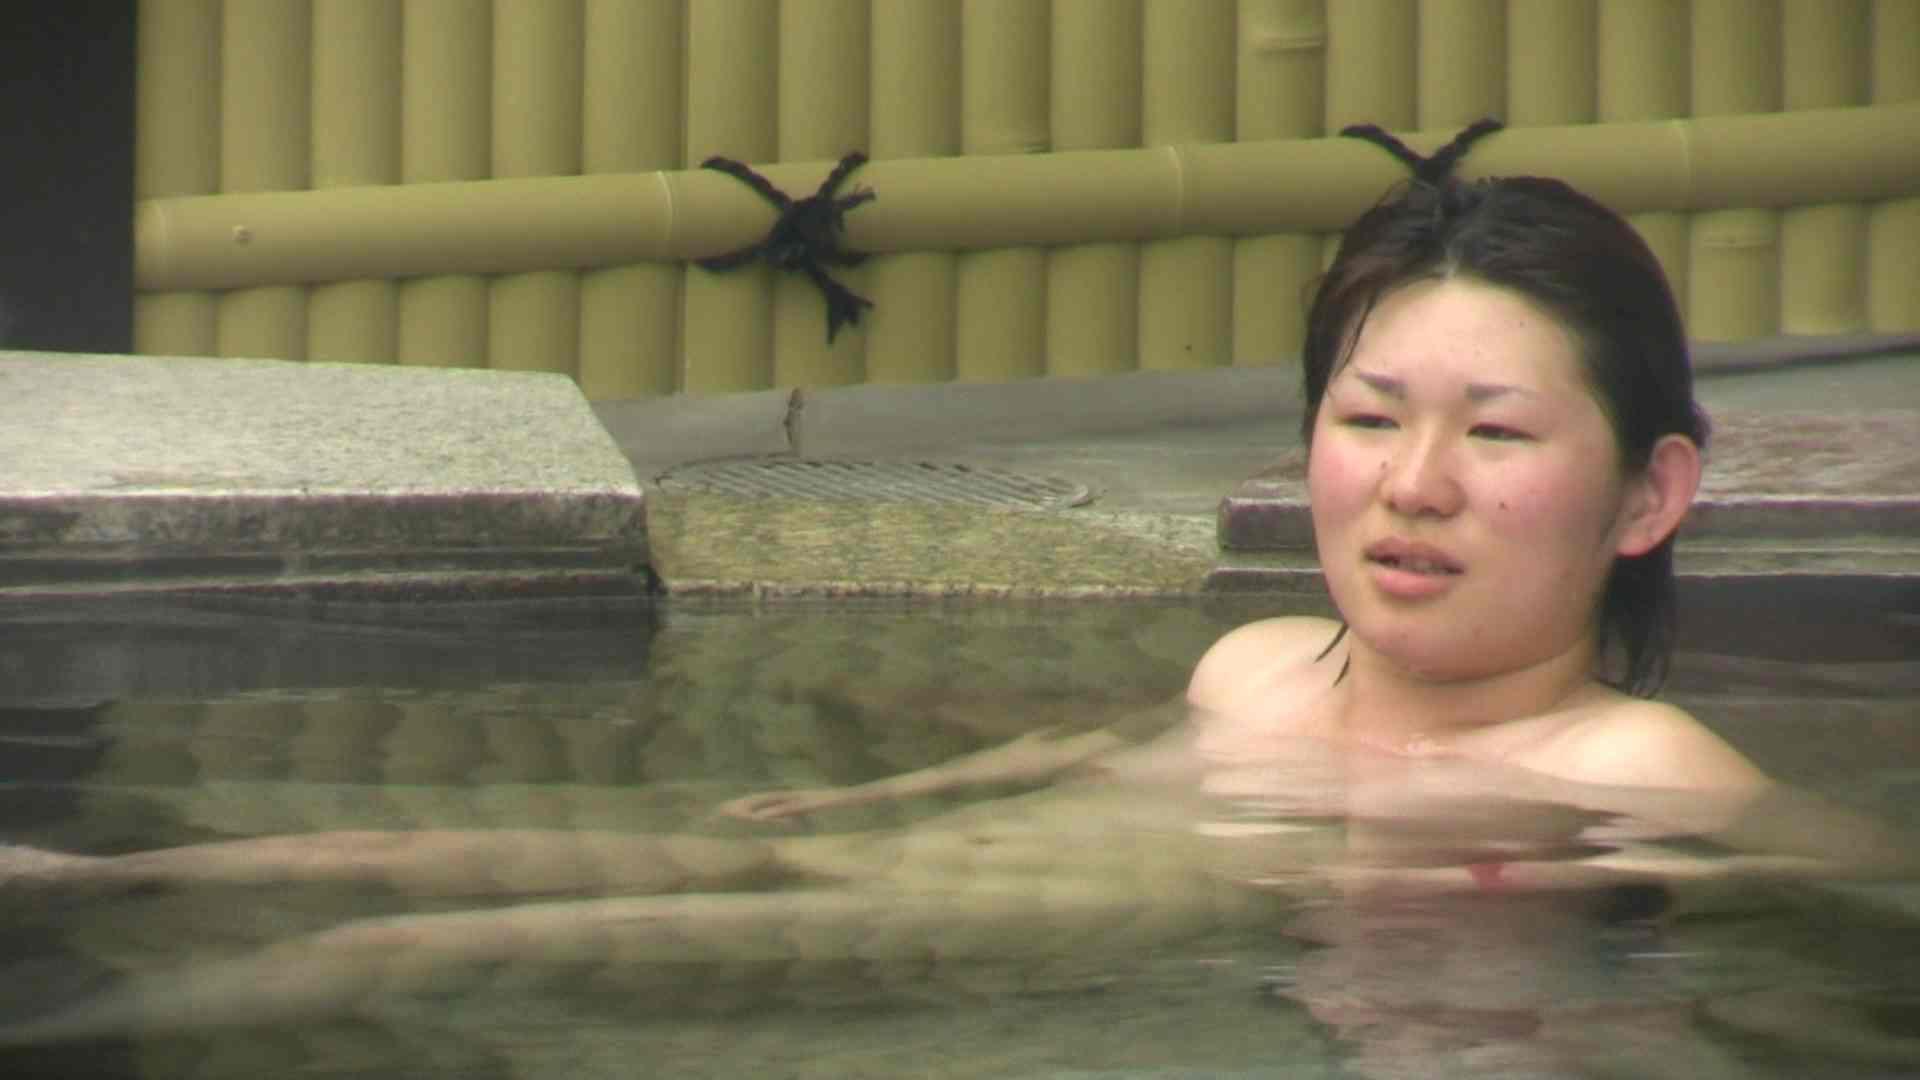 Aquaな露天風呂Vol.673 OLエロ画像  104PICs 87